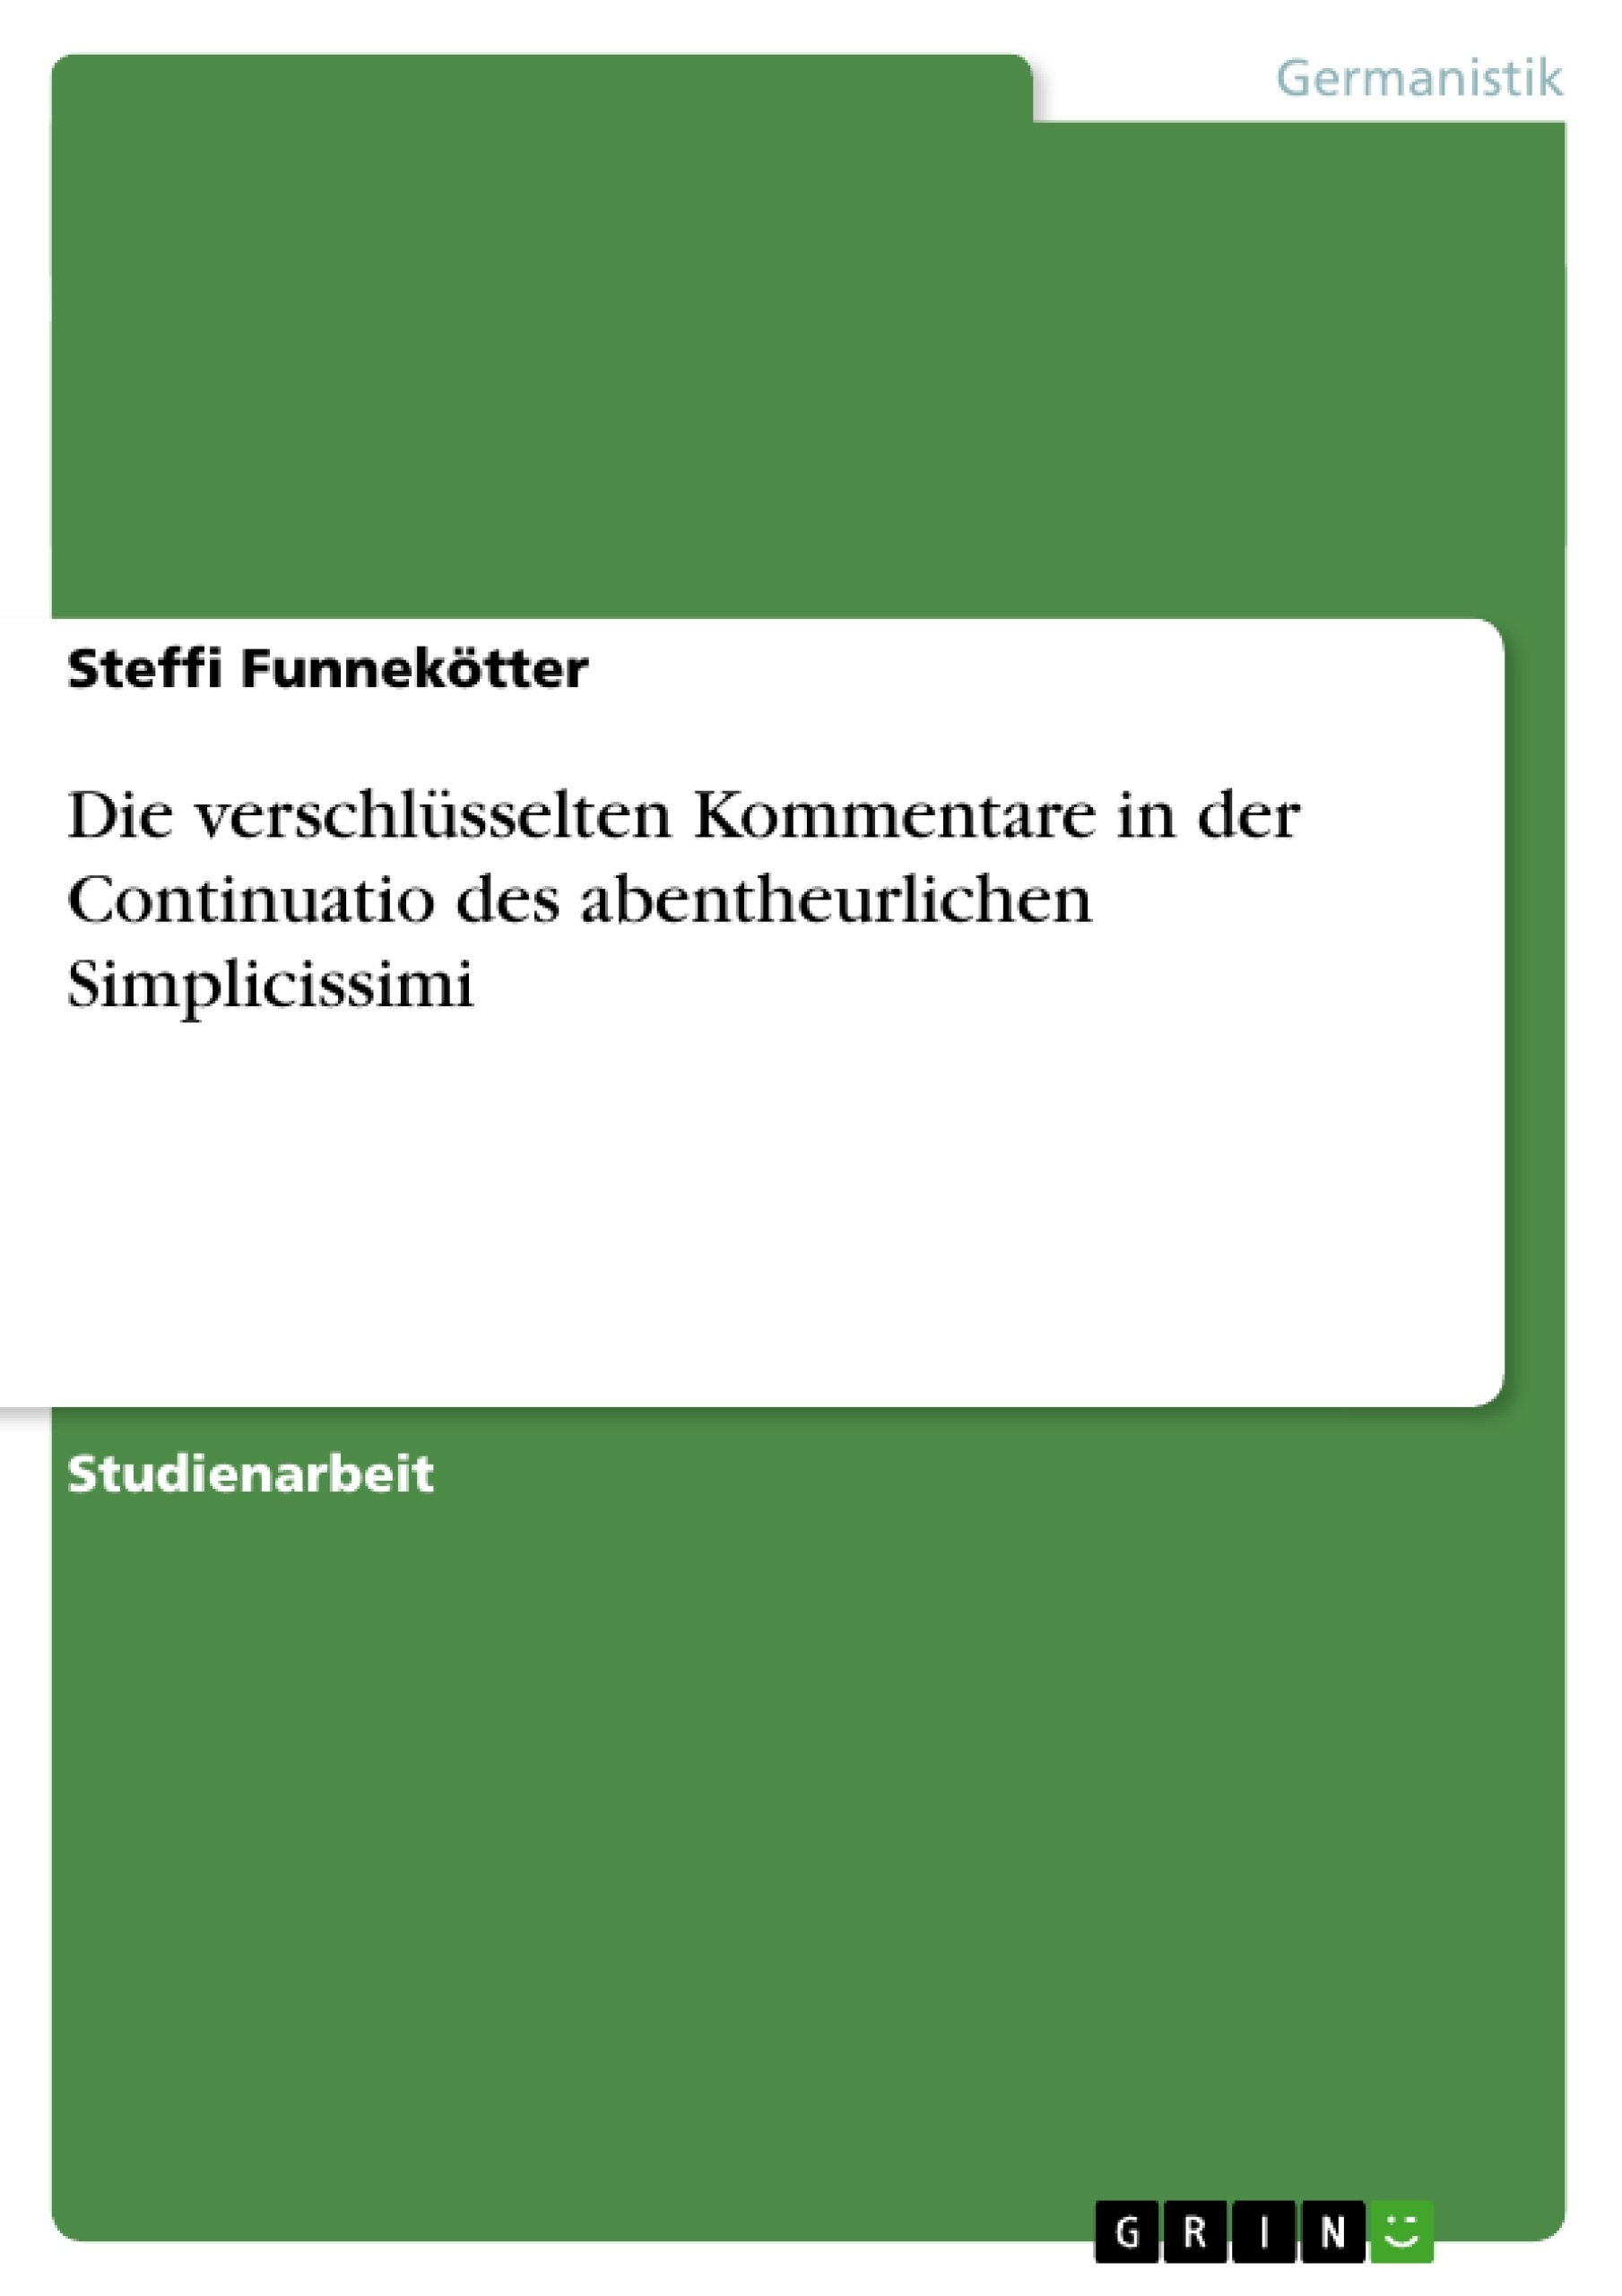 Titel: Die verschlüsselten Kommentare in der Continuatio des abentheurlichen Simplicissimi